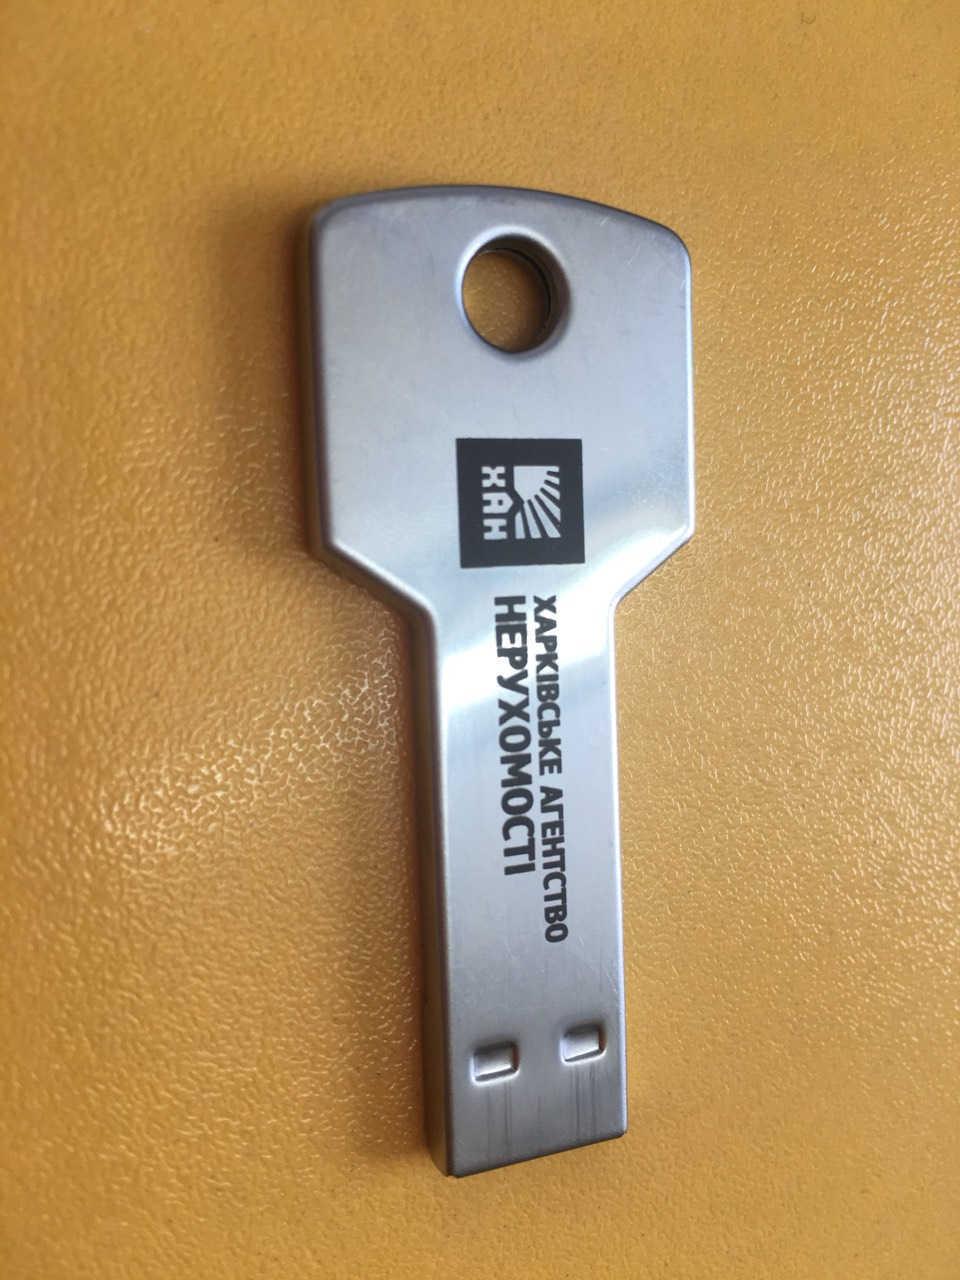 USB-Флешка на 8Gb в форме ключа